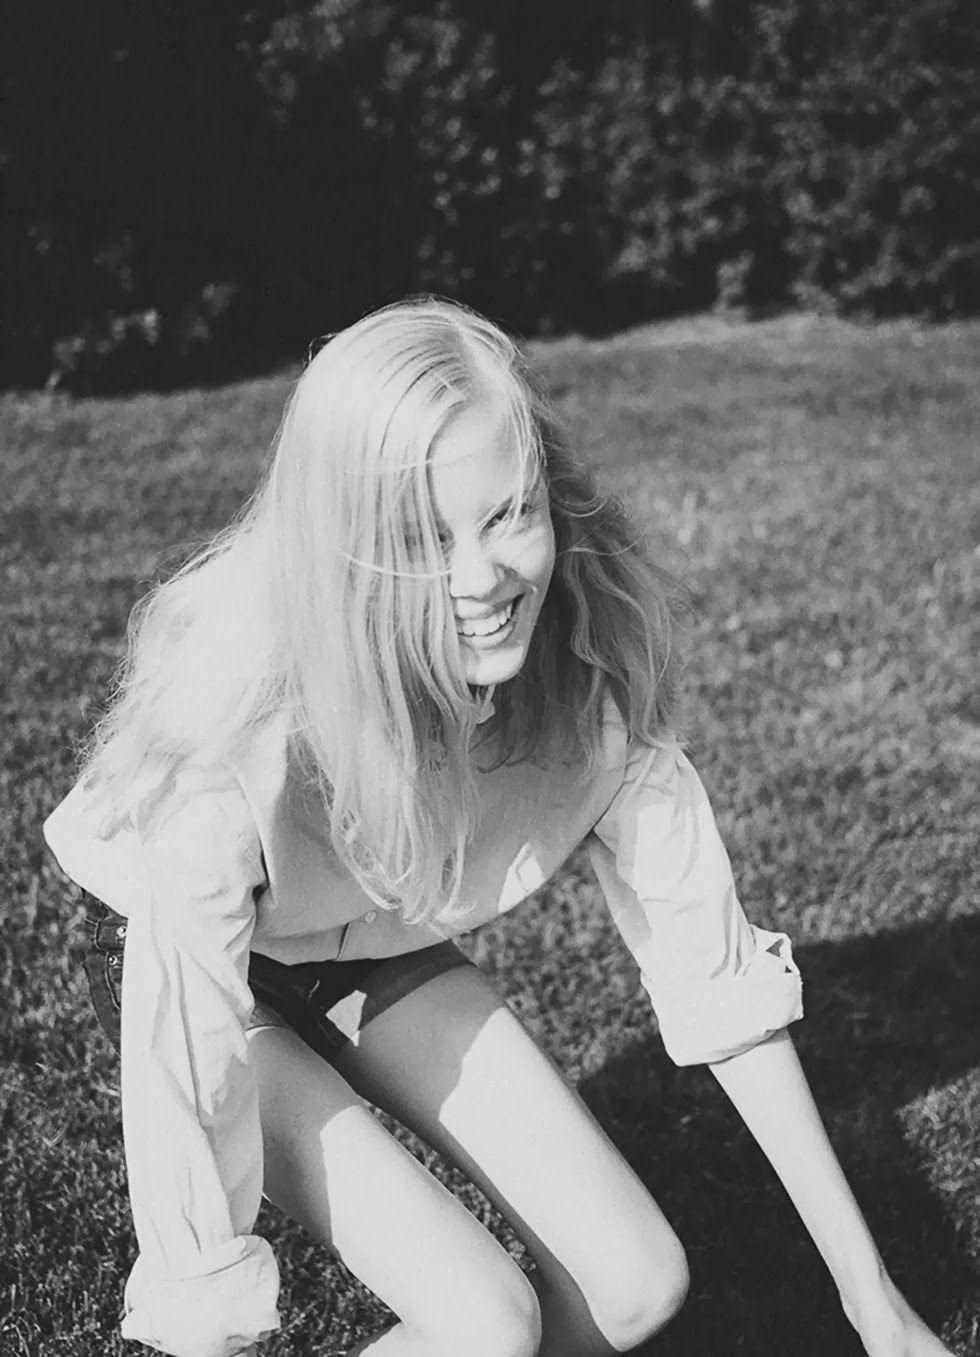 【外人】デンマークの妖精アメリー·シュミット(Amalie Schmidt)が異常な程可愛いポルノ画像 8122